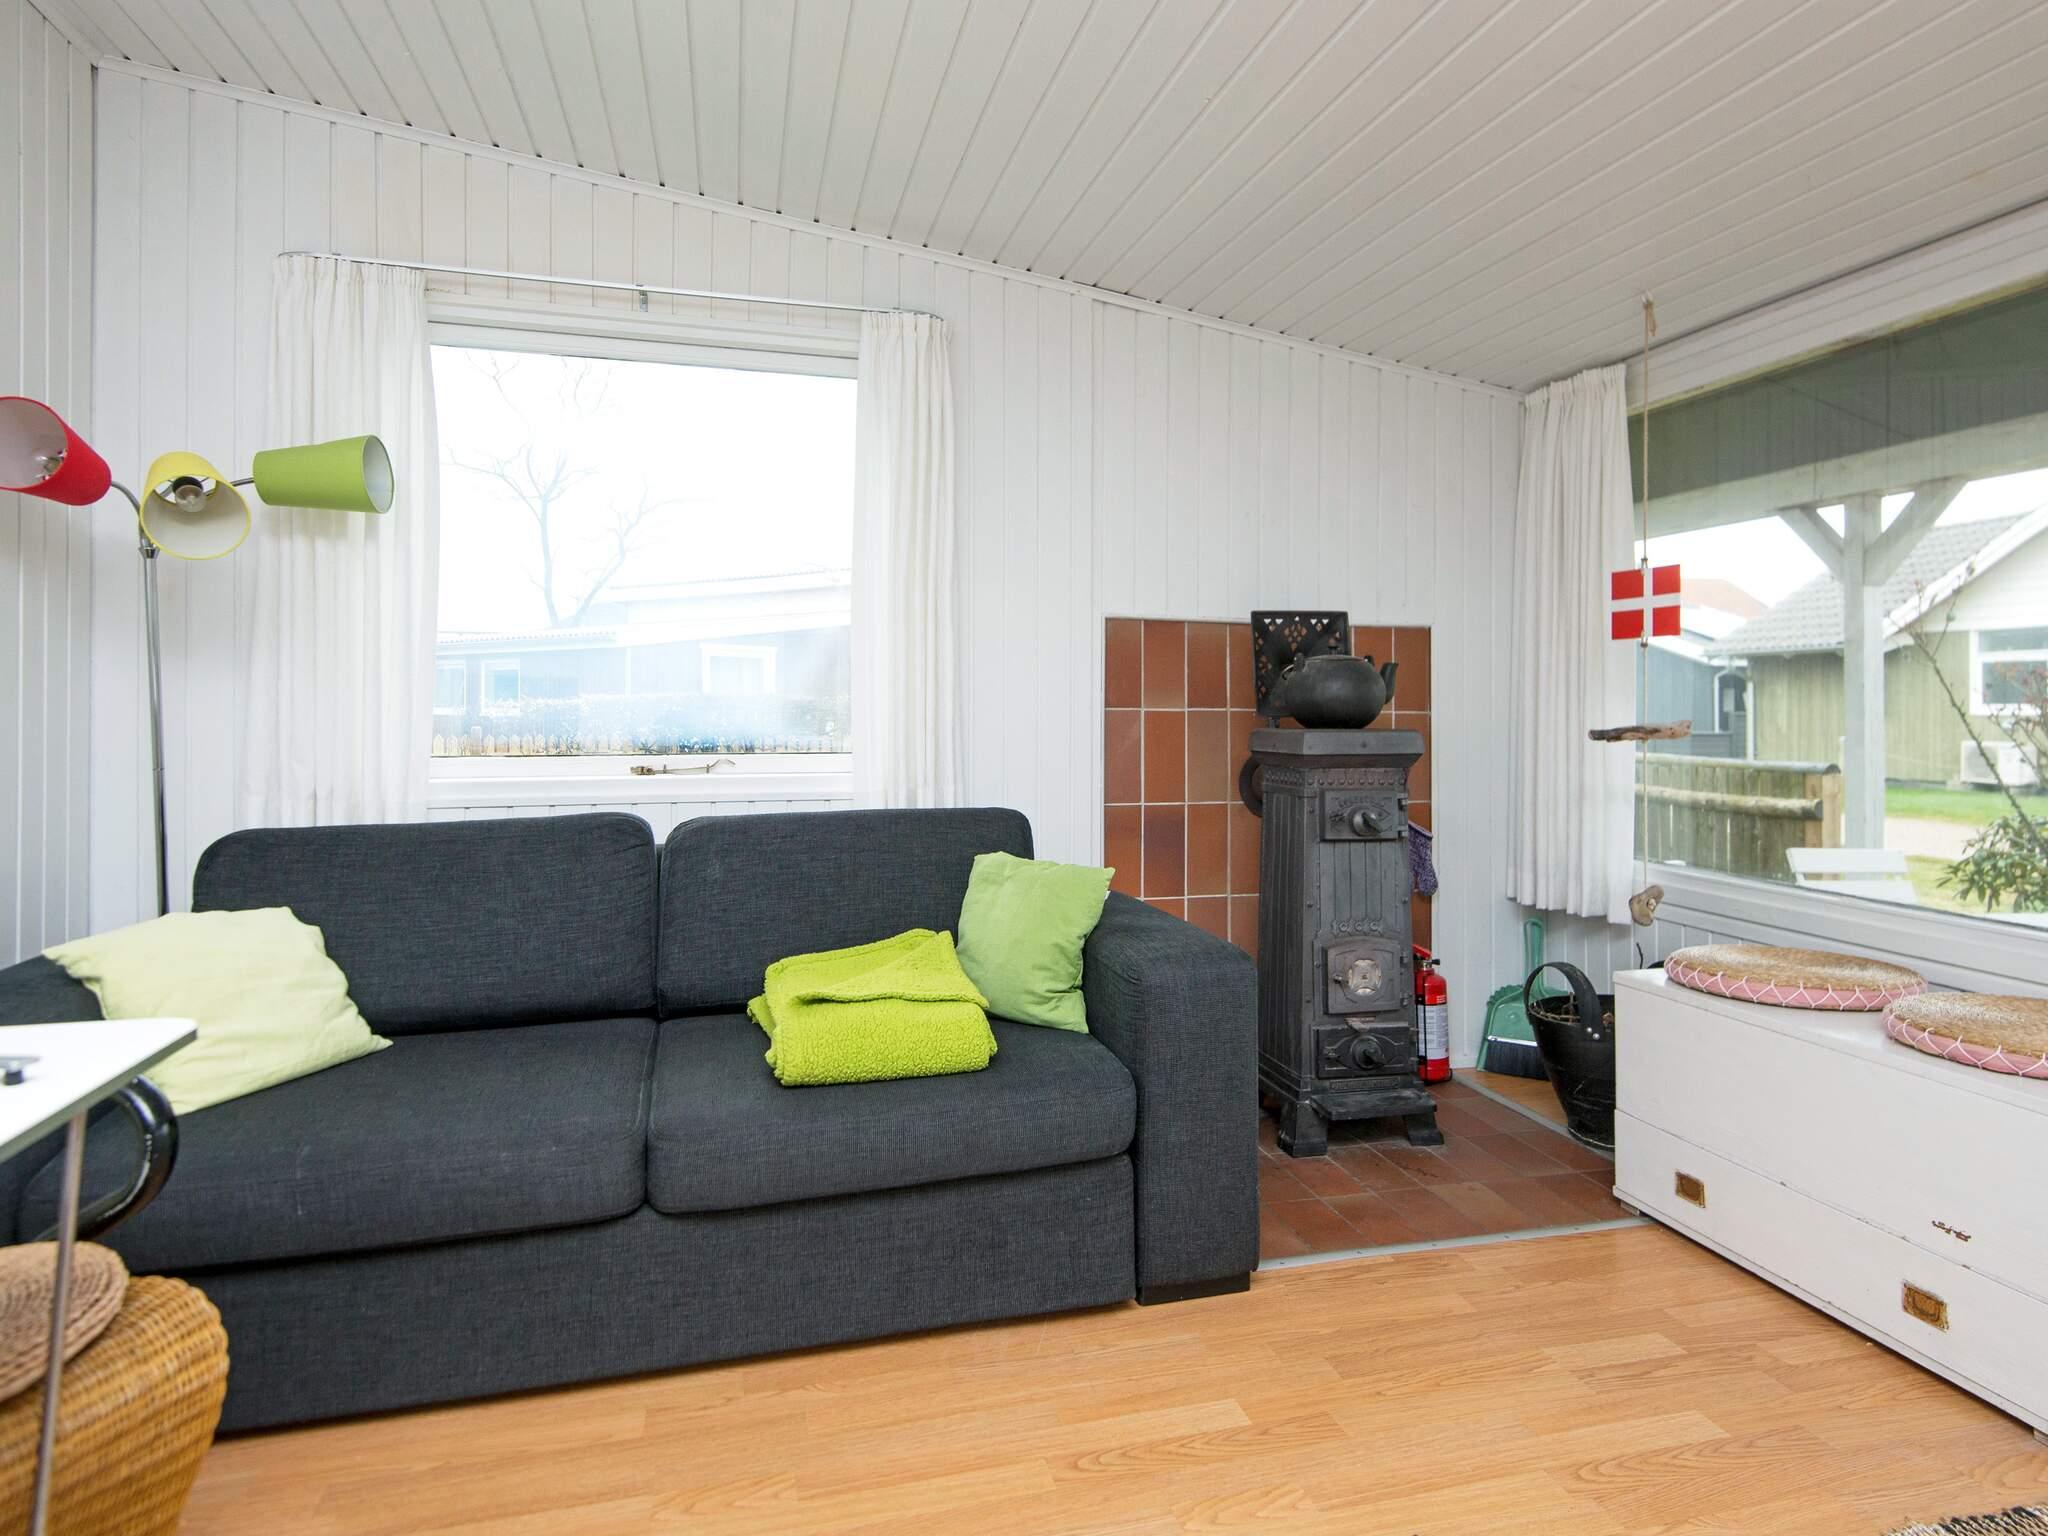 Ferienhaus Vemmingbund (2561599), Broager, , Dänische Ostsee, Dänemark, Bild 6